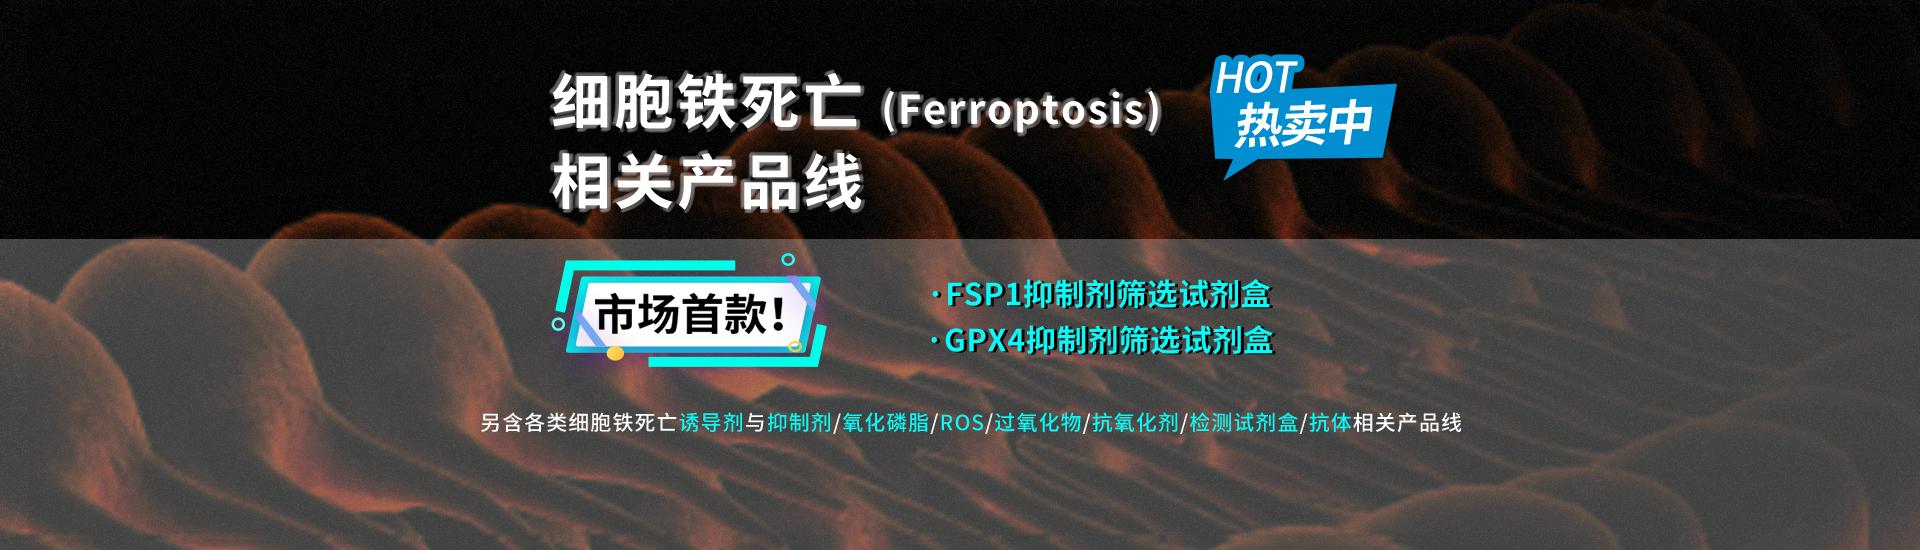 细胞铁死亡(Ferroptosis)相关产品线热卖中